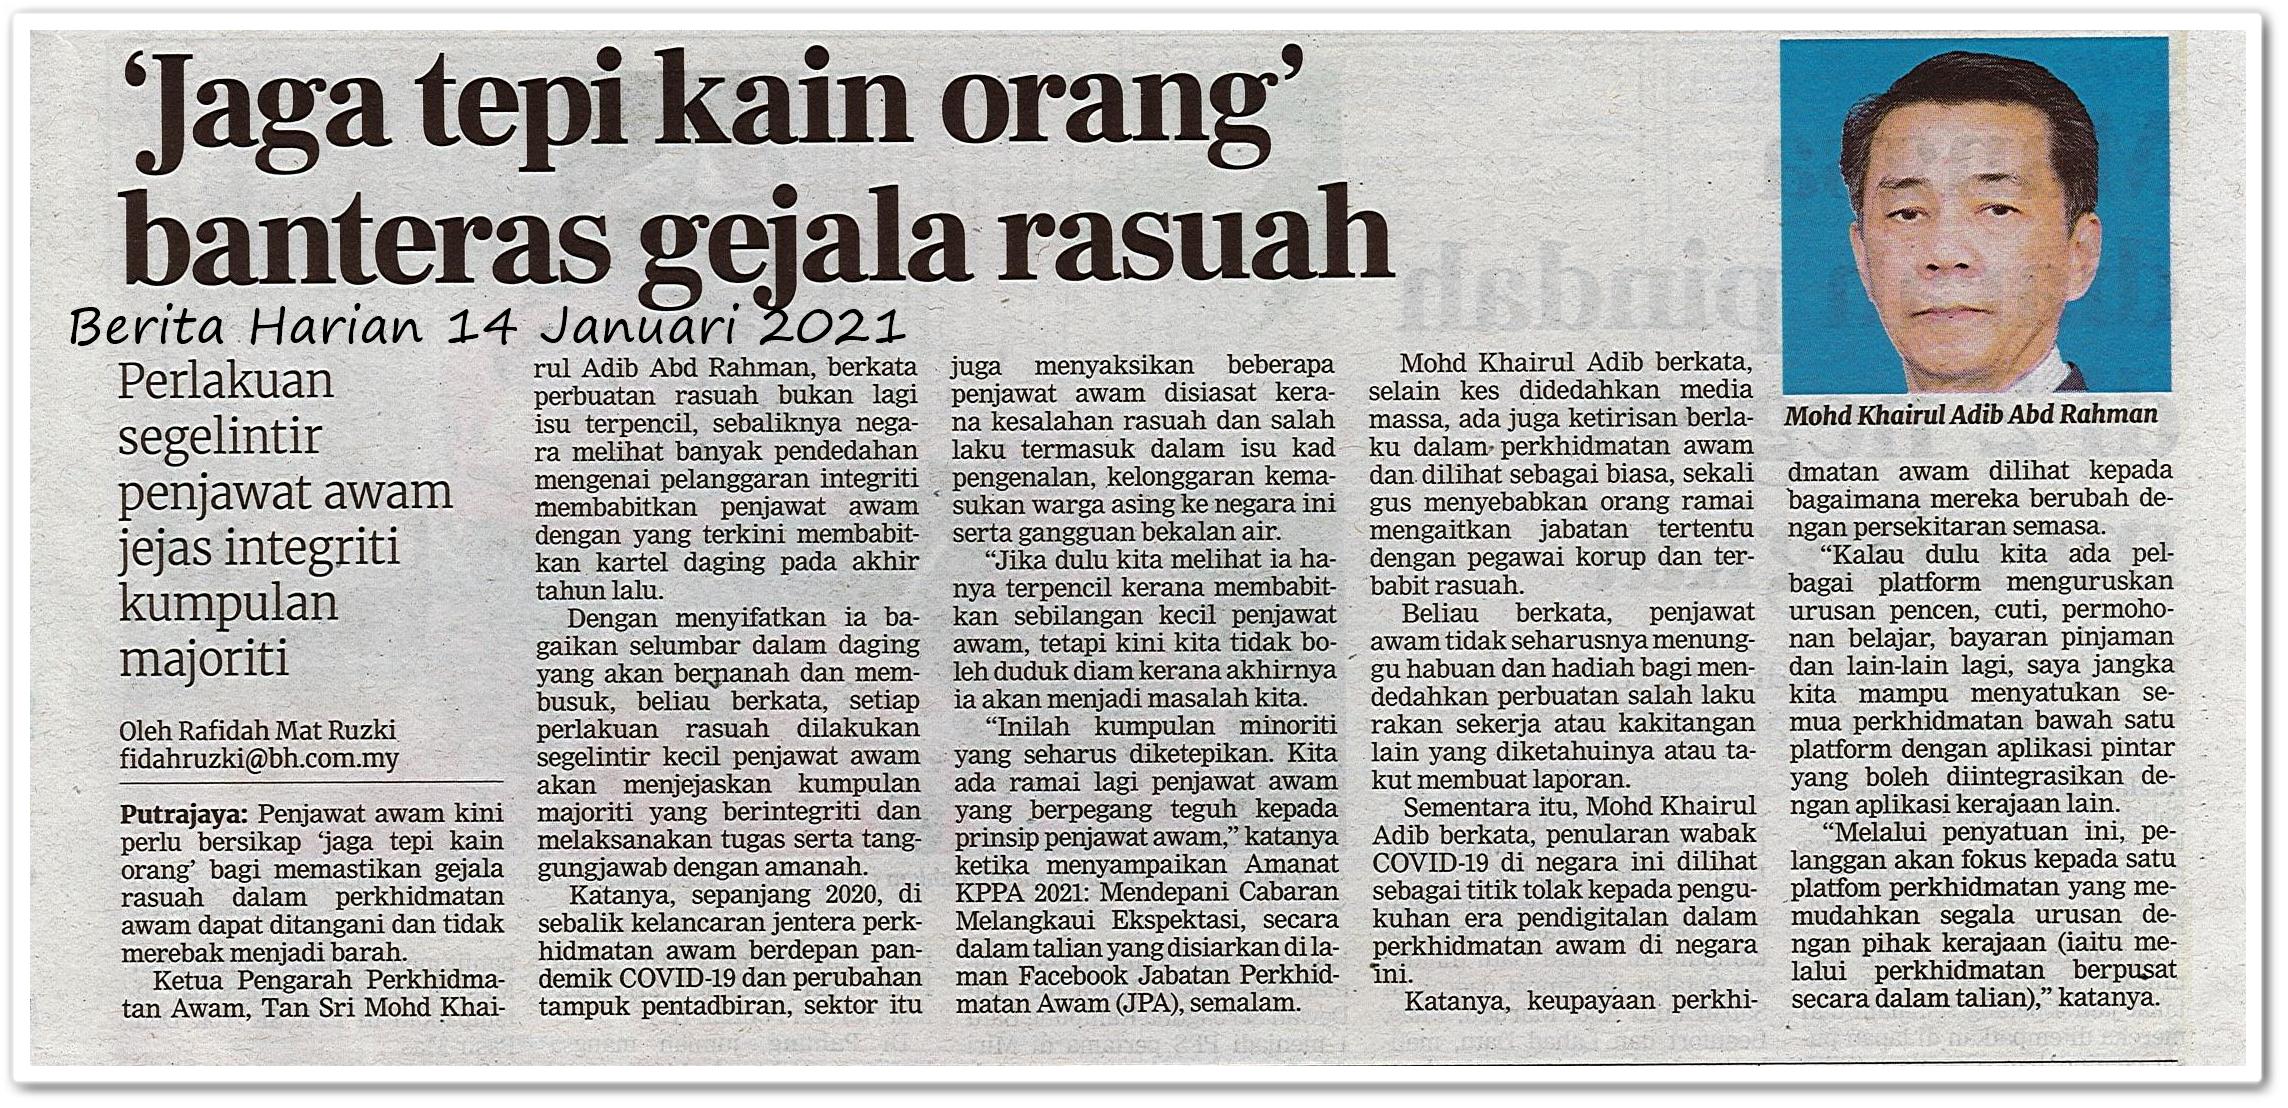 'Jaga tepi kain orang' banteras gejala rasuah - Keratan akhbar Berita Harian 14 Januari 2021